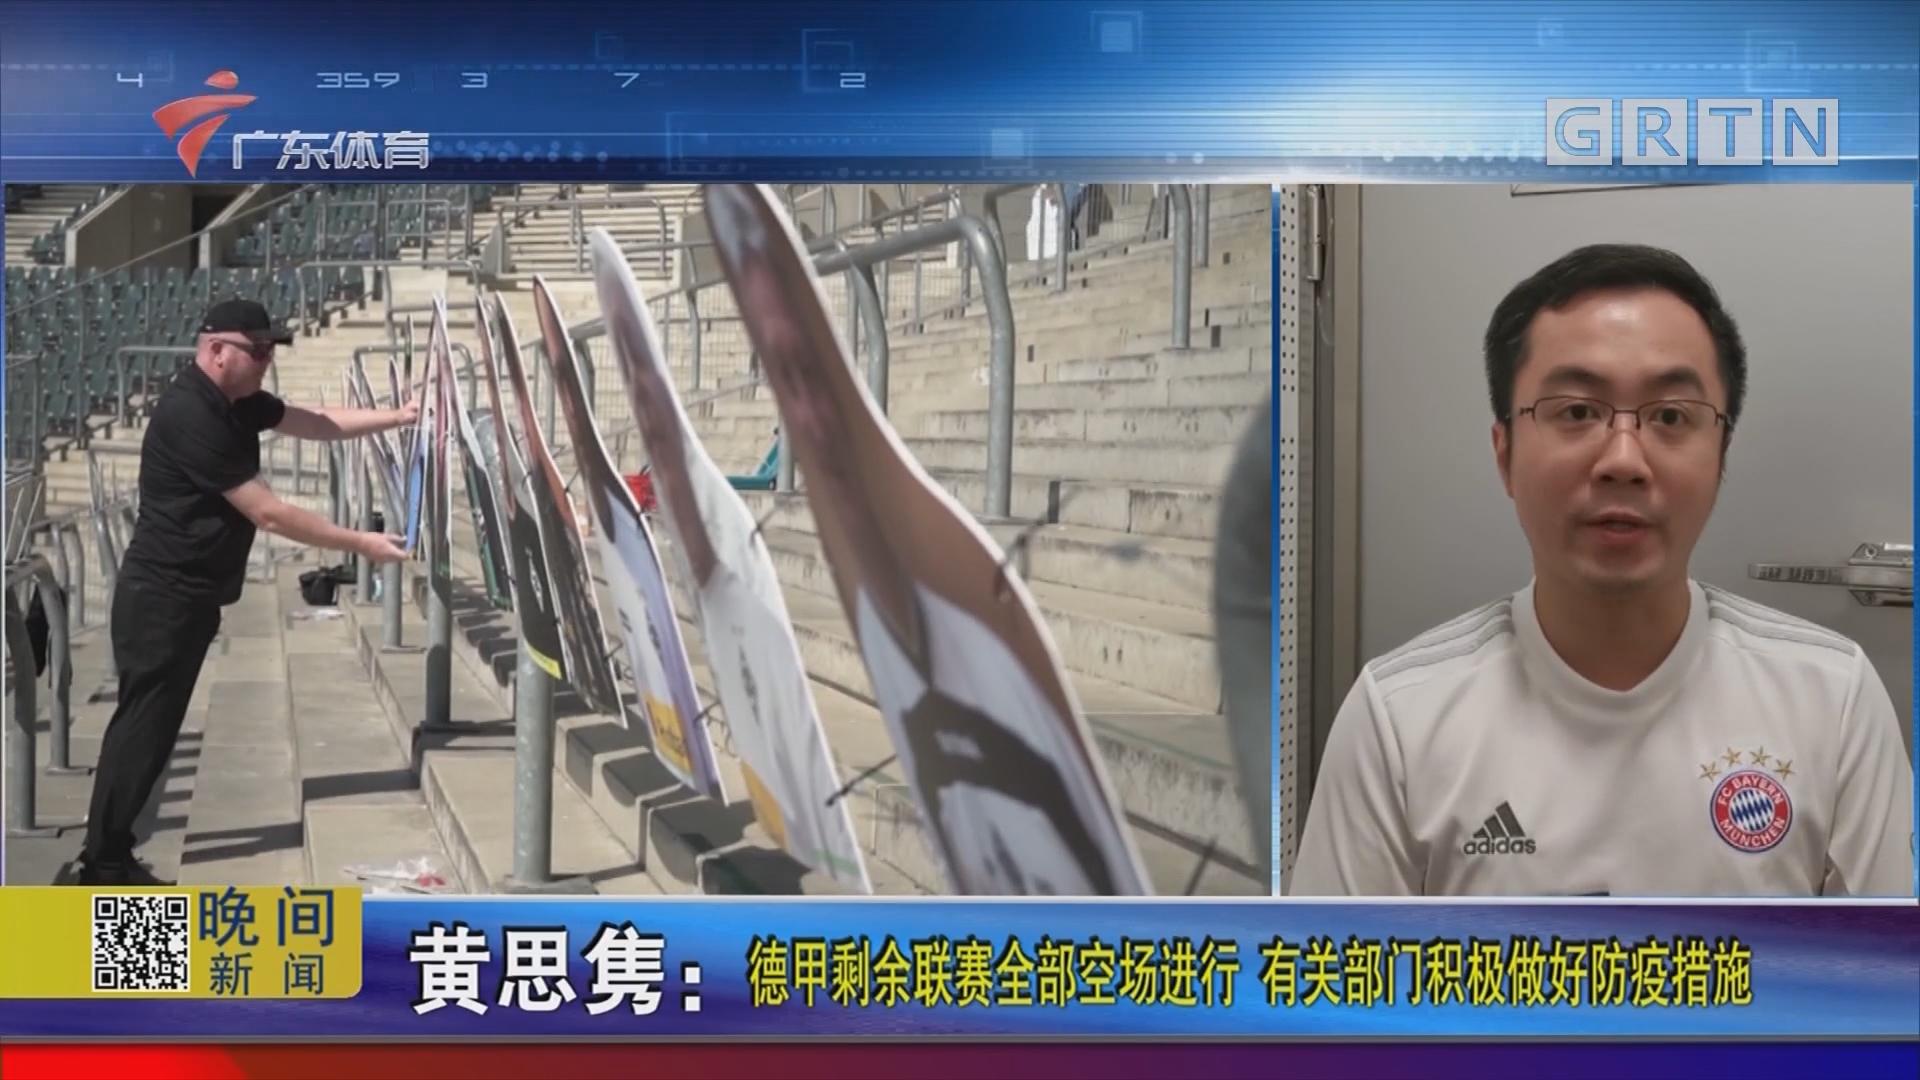 黃思雋:德甲剩余聯賽全部空場進行 有關部門積極做好防疫措施